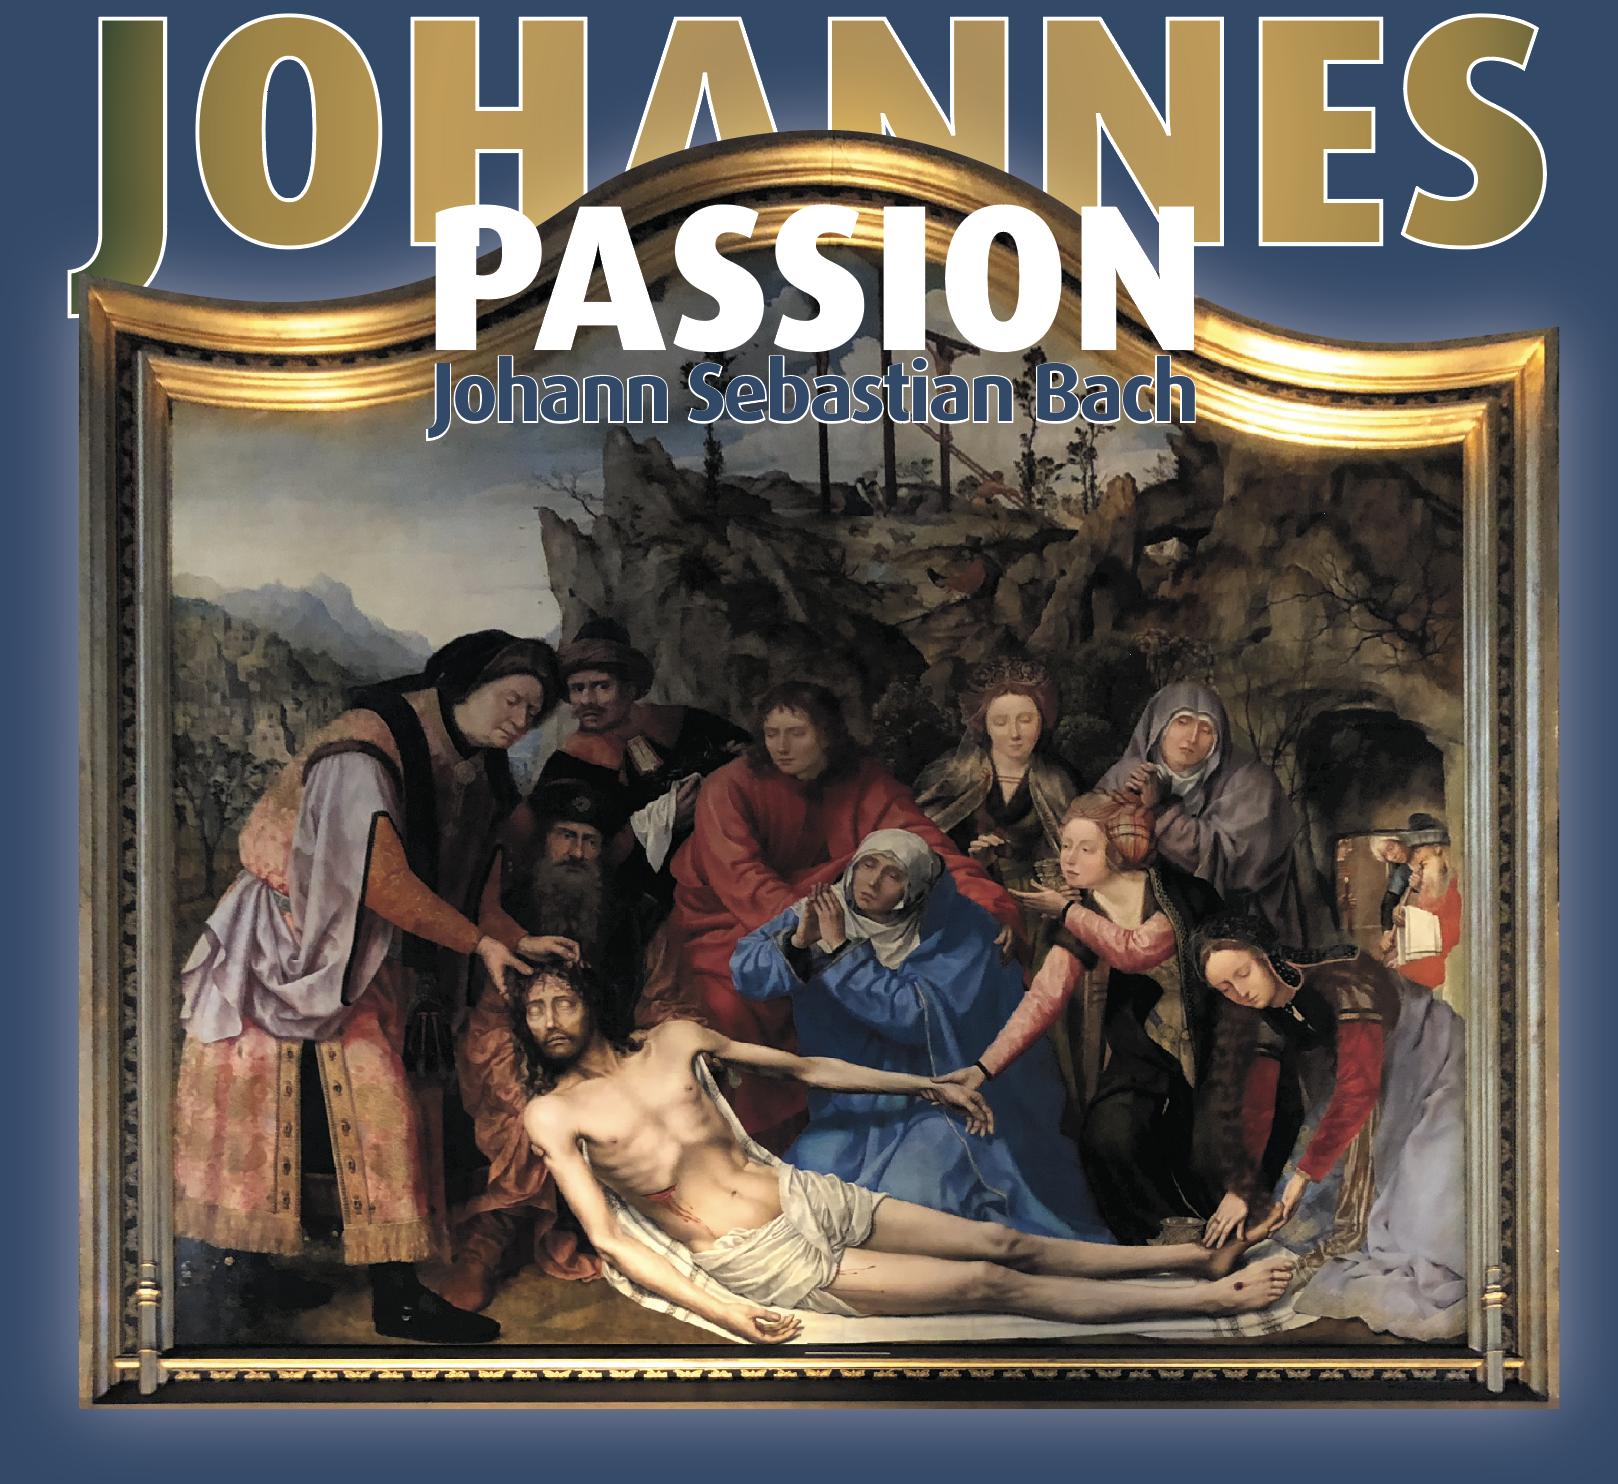 Johannes Passion Eerste rang 62